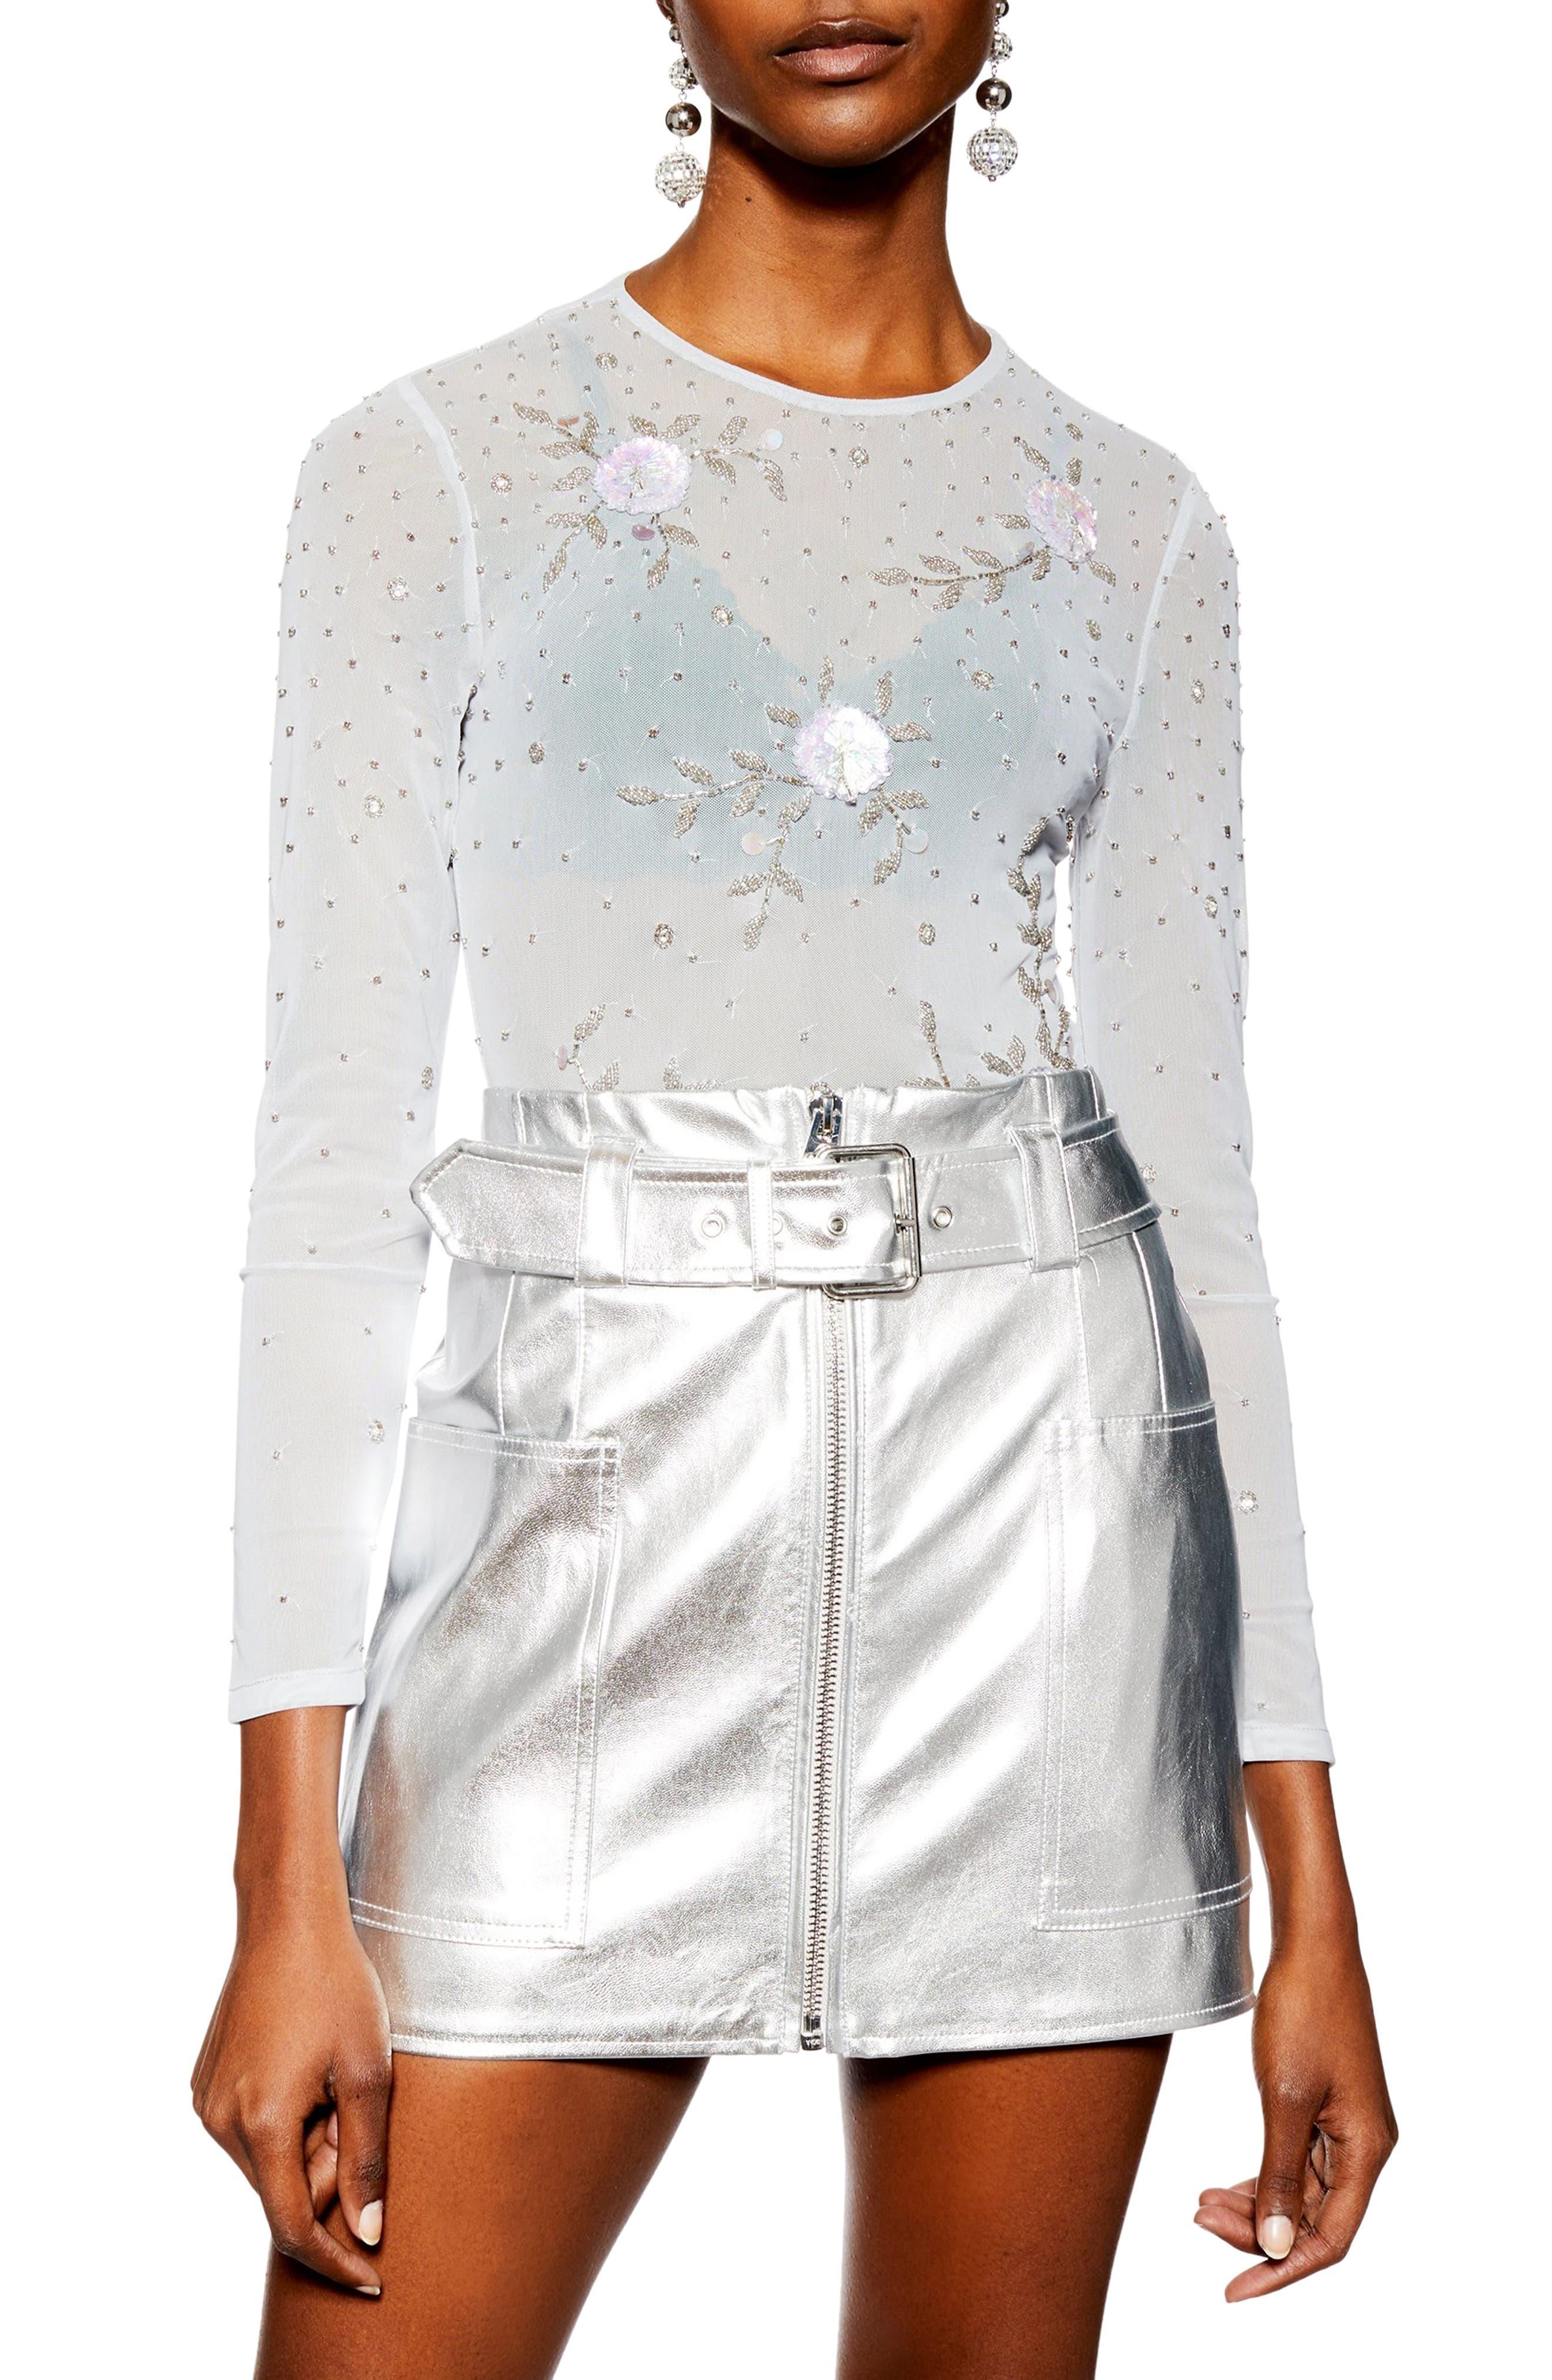 TOPSHOP, Embellished Floral Bodysuit, Main thumbnail 1, color, 100